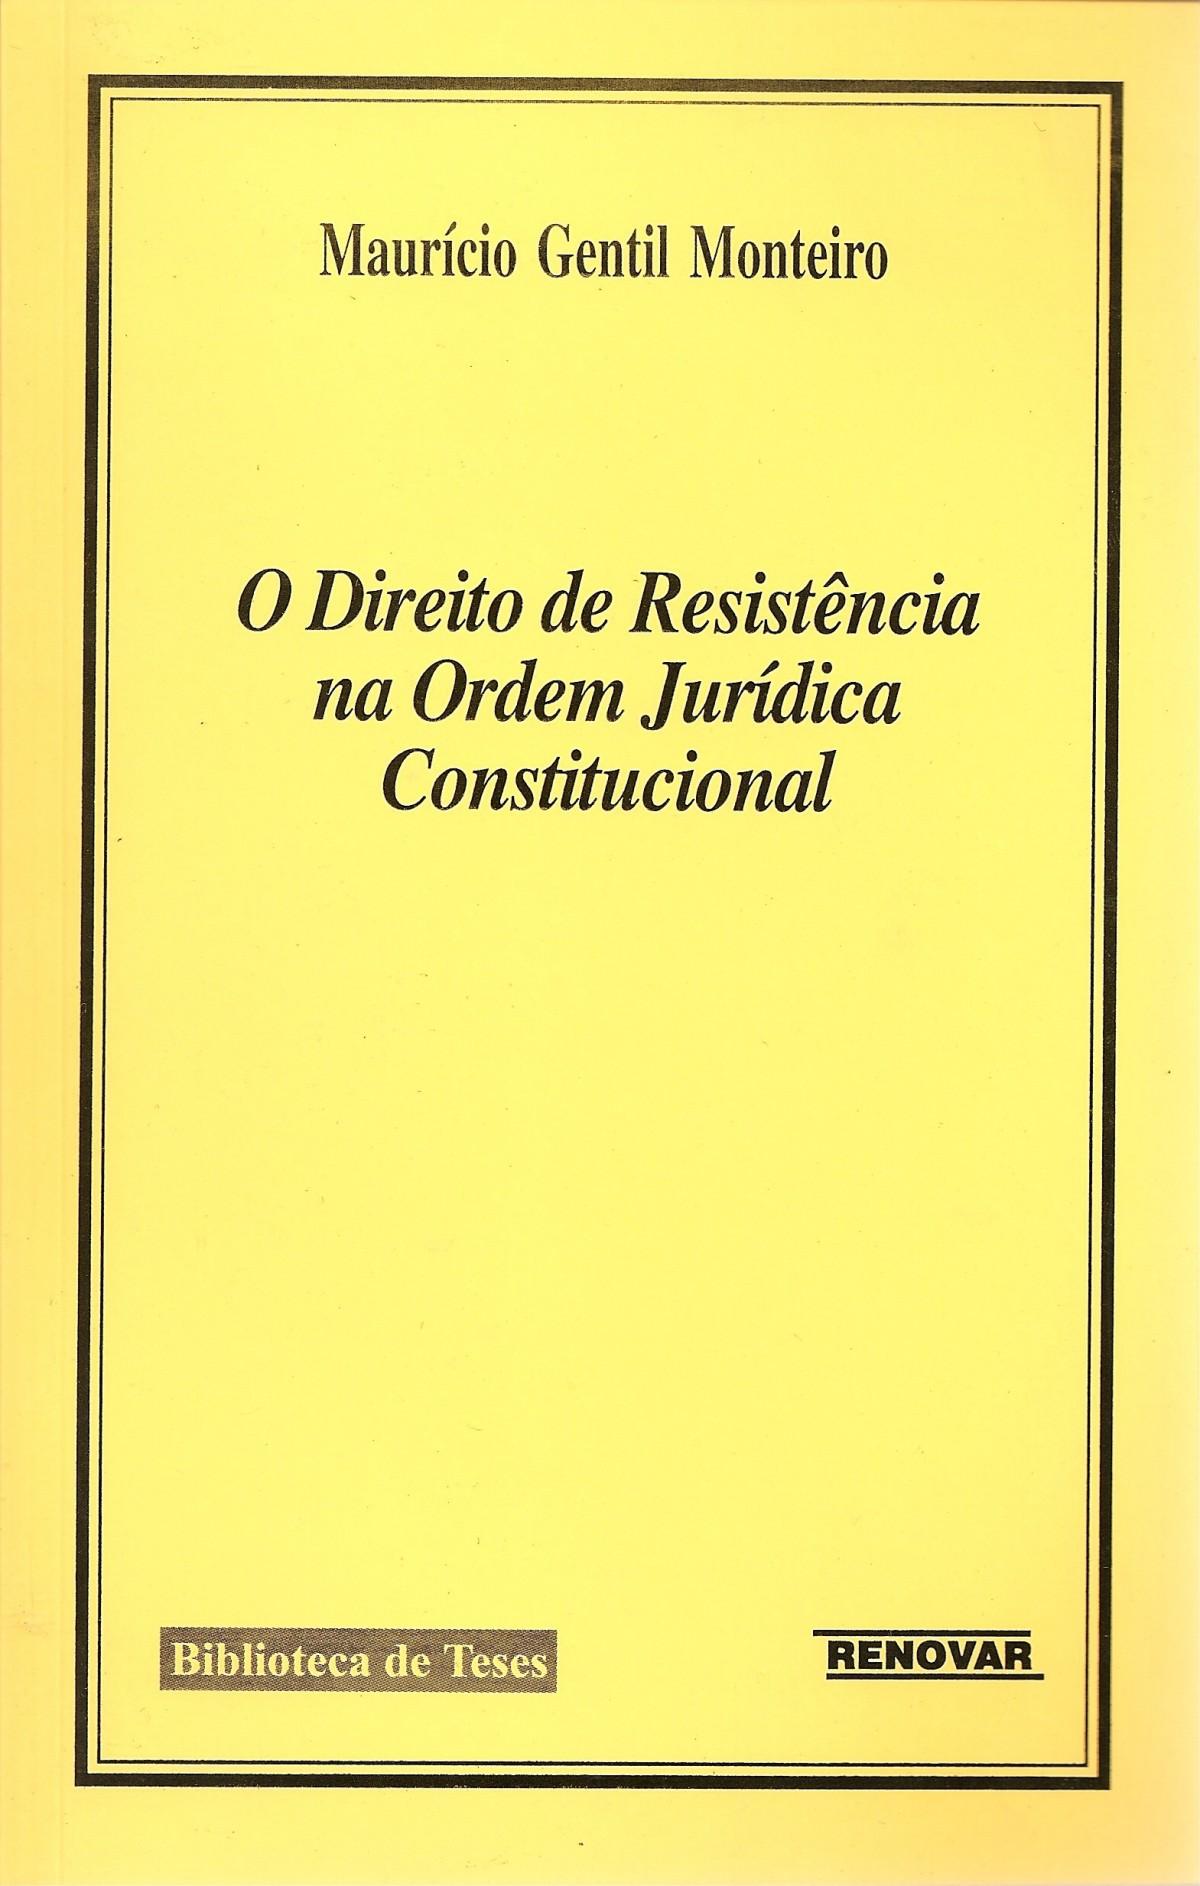 Foto 1 - O Direito de Resistência na Ordem Jurídica Constitucional